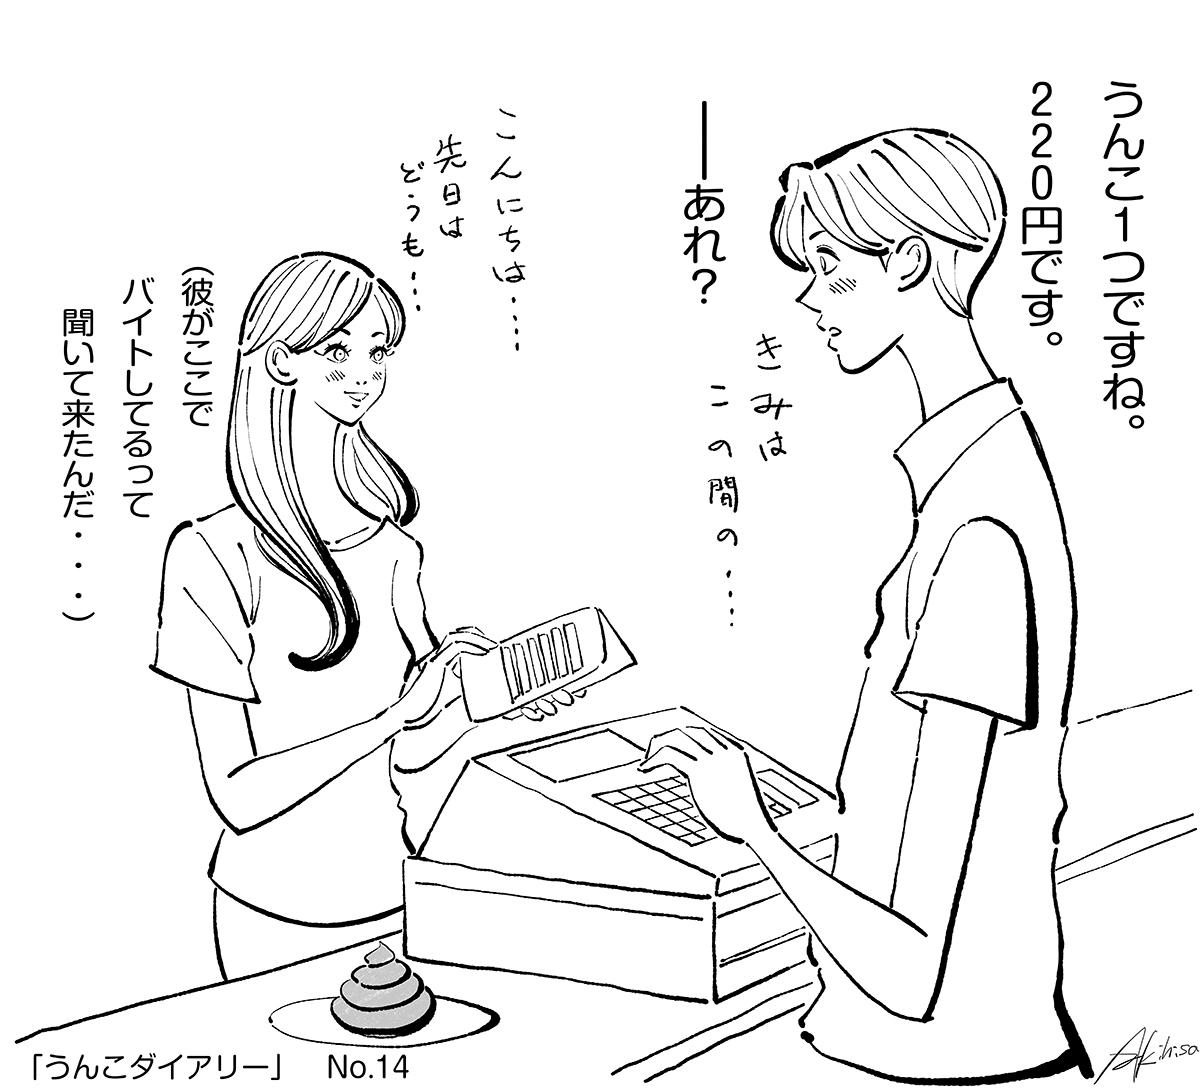 お店_レジを打つ男性と買い物する女性のイラスト_カップル